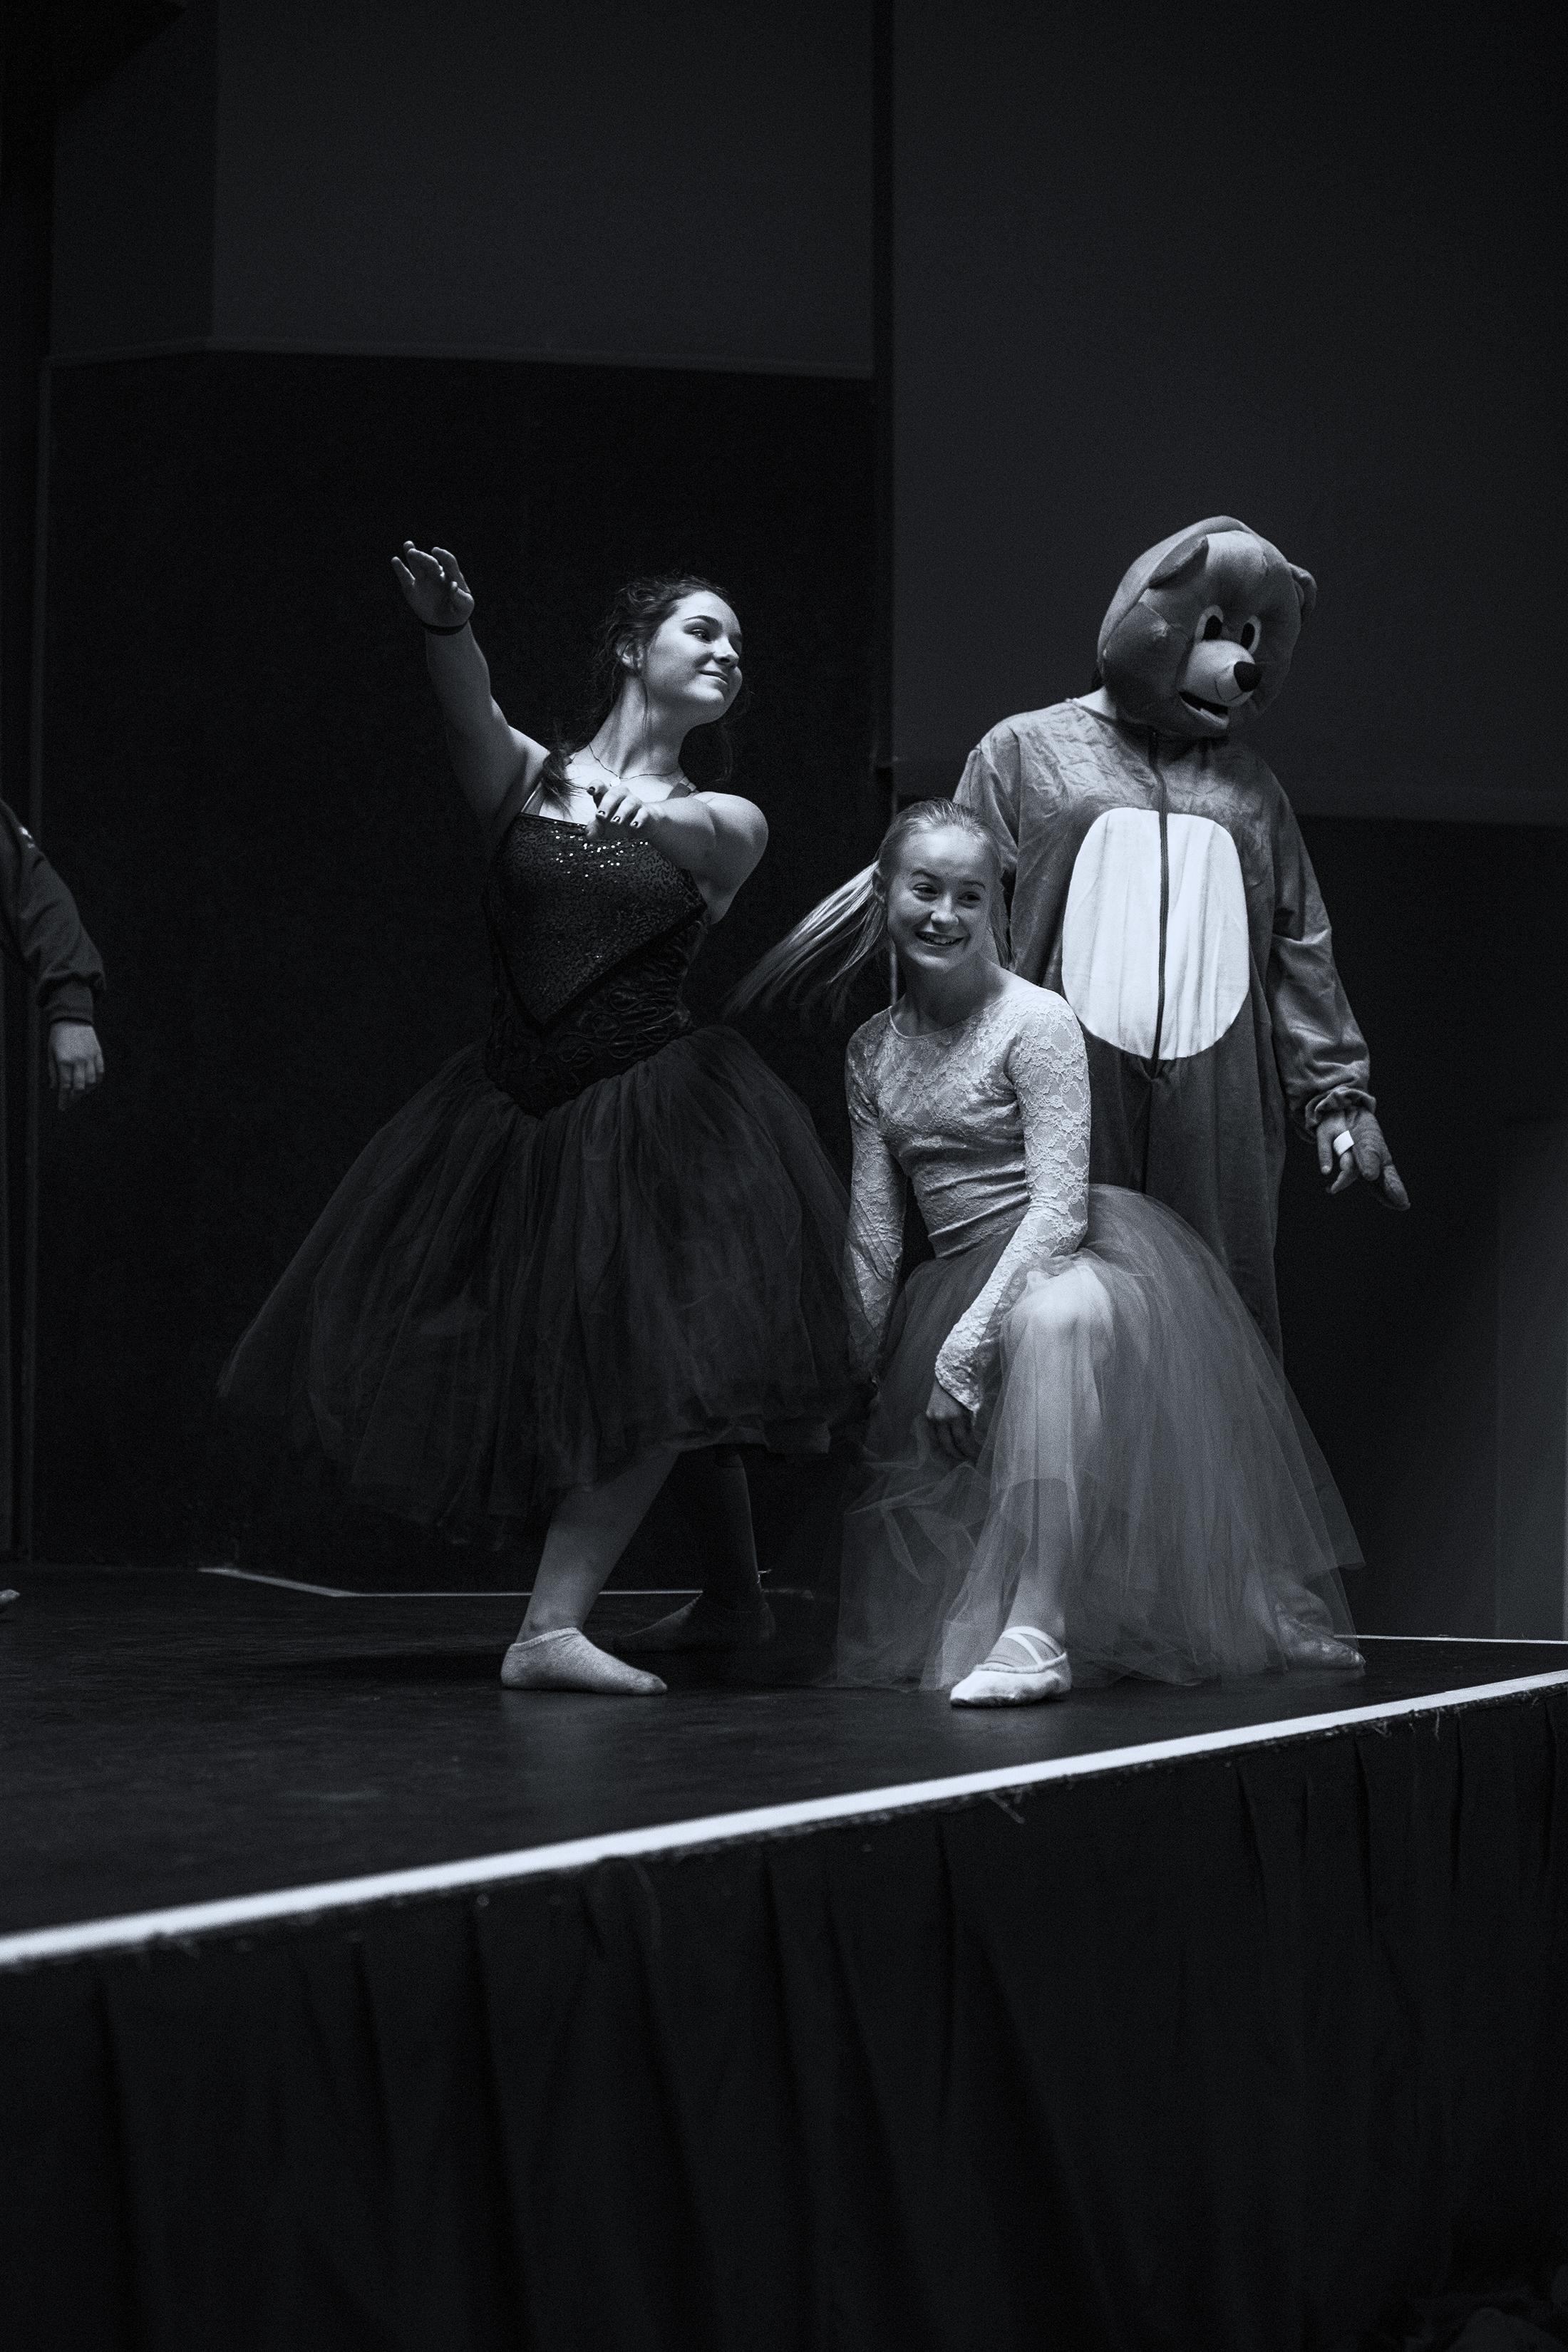 Mary Poppins - Streetlight Theatre Company - Rehearsal Shoot #2 - 23 Sep '18 - 149 (Classic).jpg